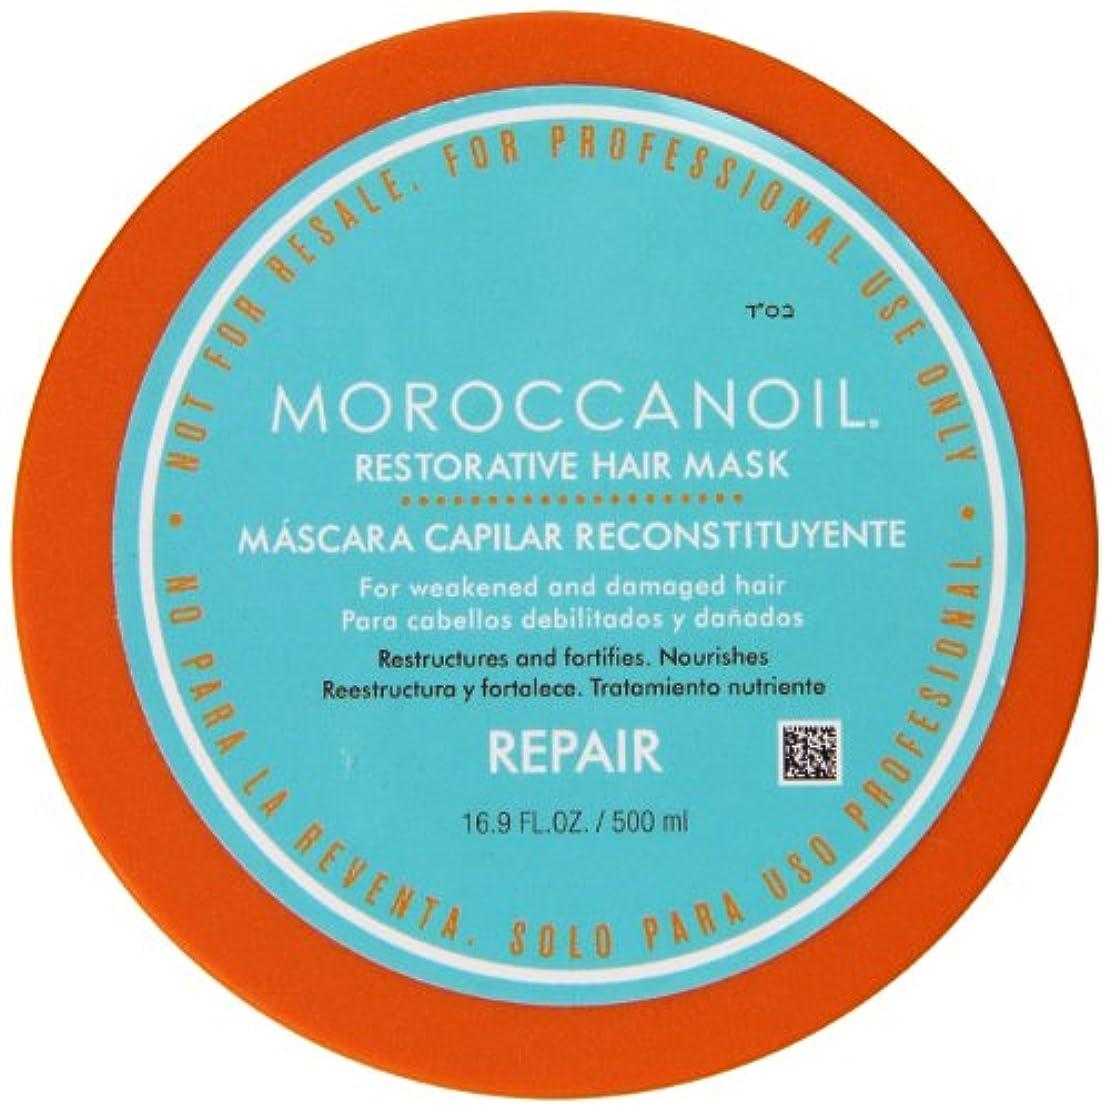 正確にかろうじて大モロッカンオイル リストラクティブ ヘア マスク (ダメージを受けた髪用) 500ml/16.9oz並行輸入品